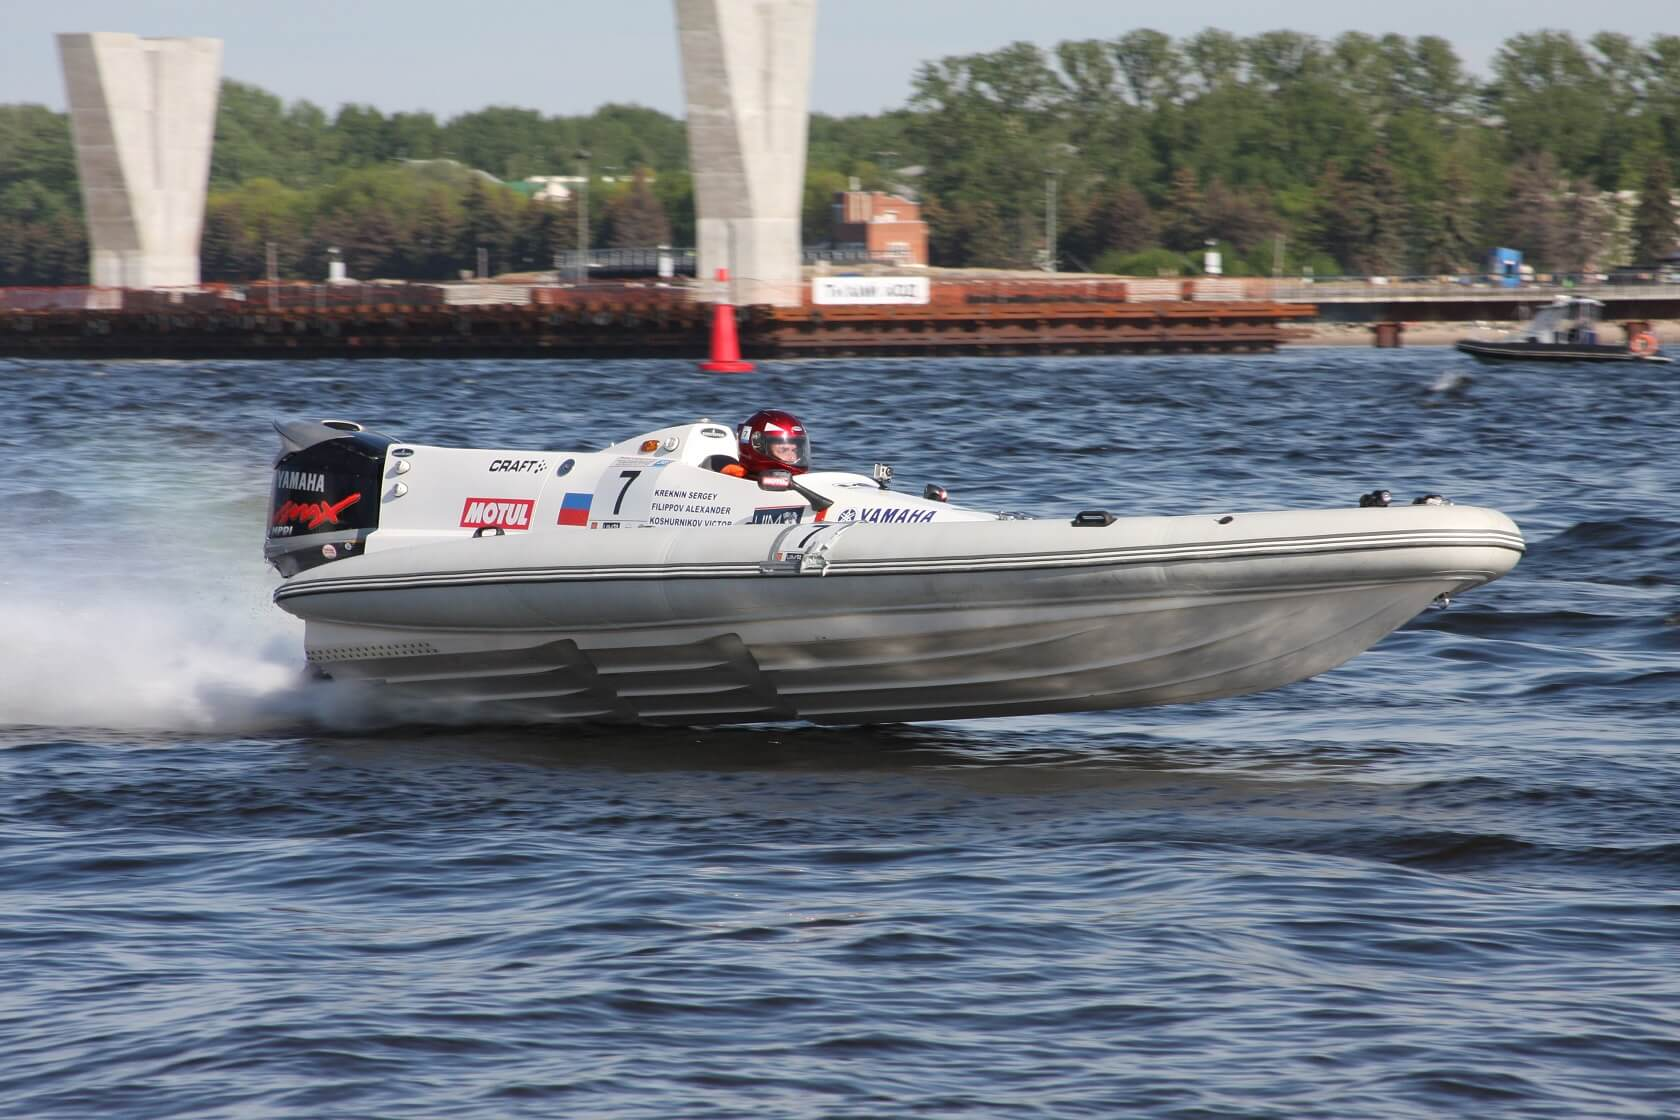 скоростной катер, моторная лодка